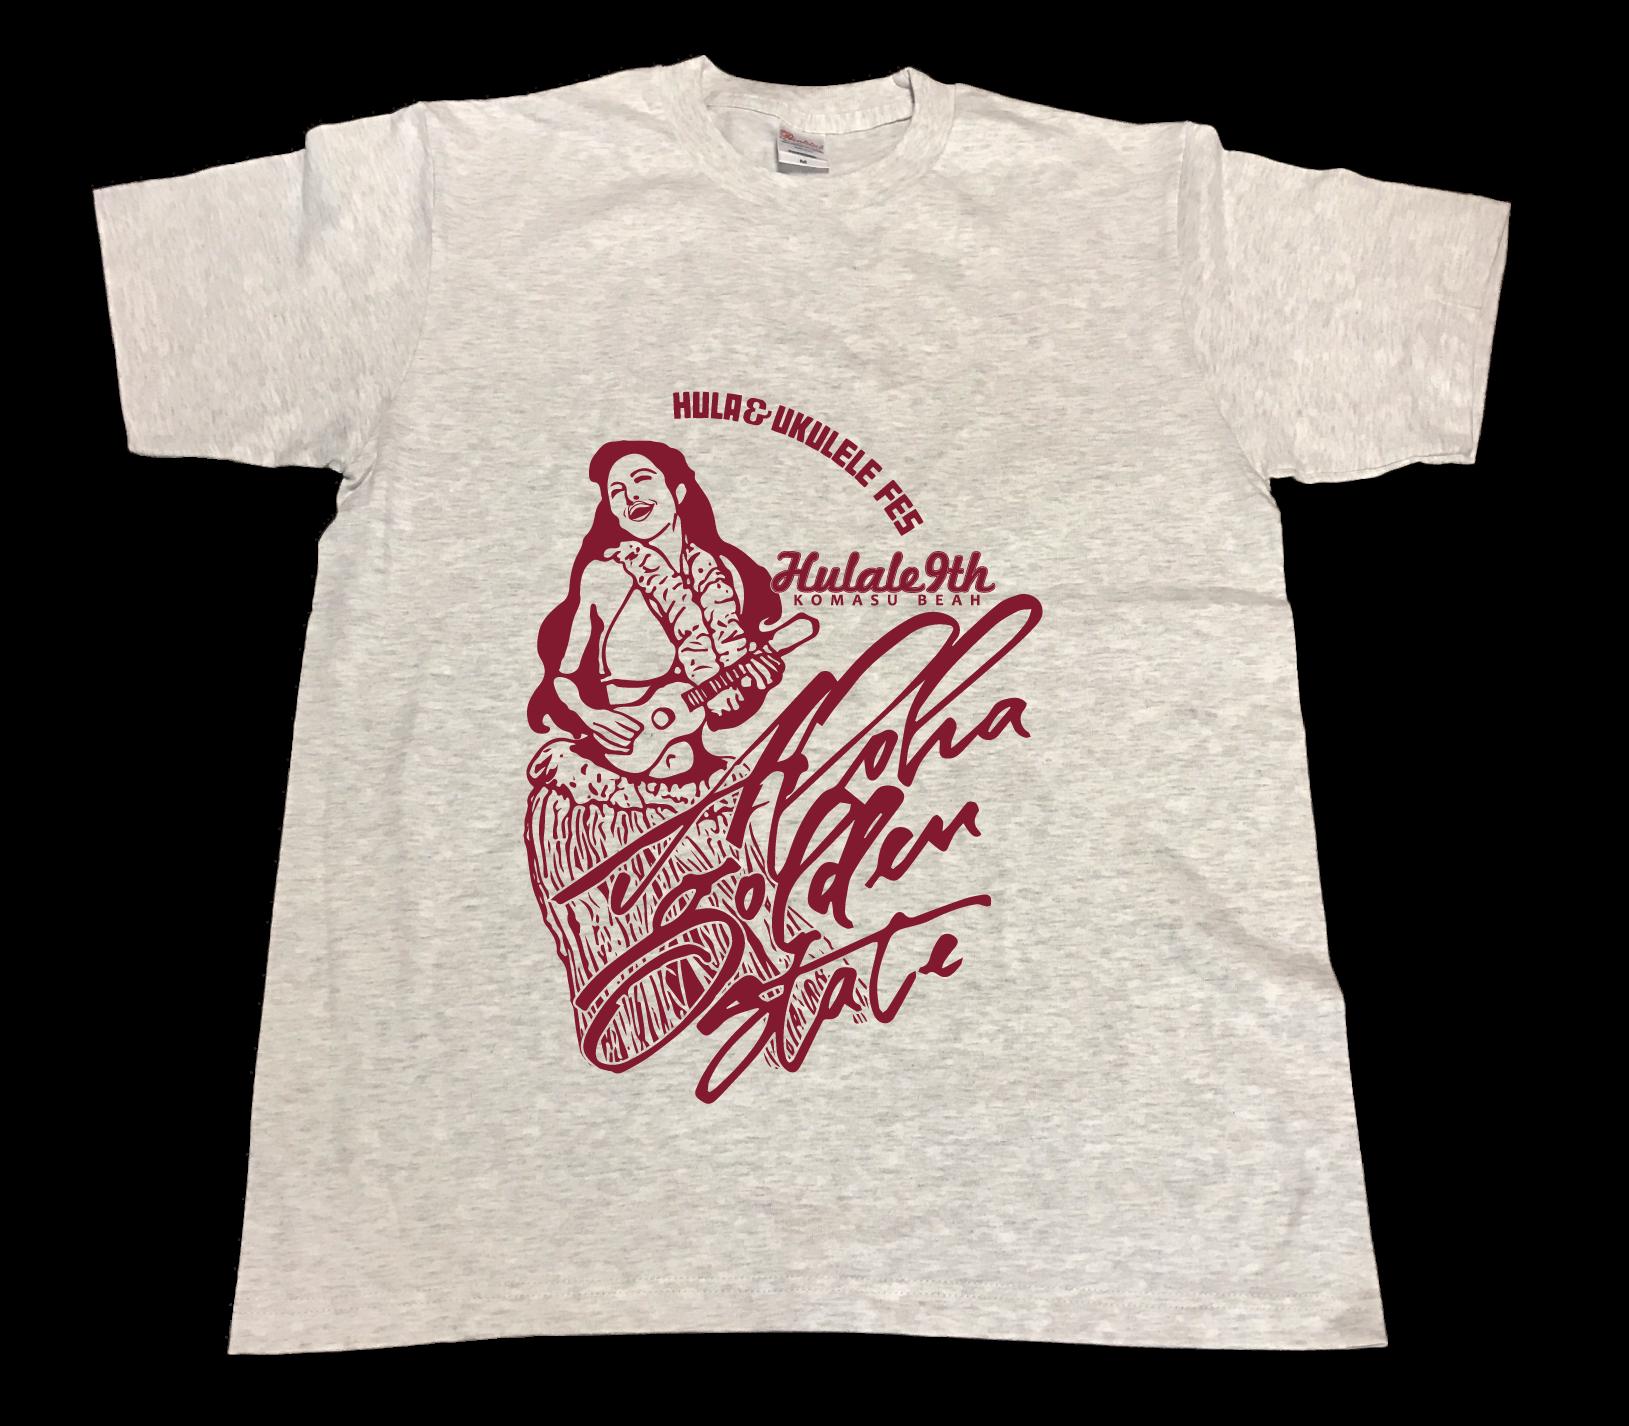 名古屋市東区のホームページ制作 パンフレット制作 ポスター制作会社のOaK 制作実績 Tシャツデザイン